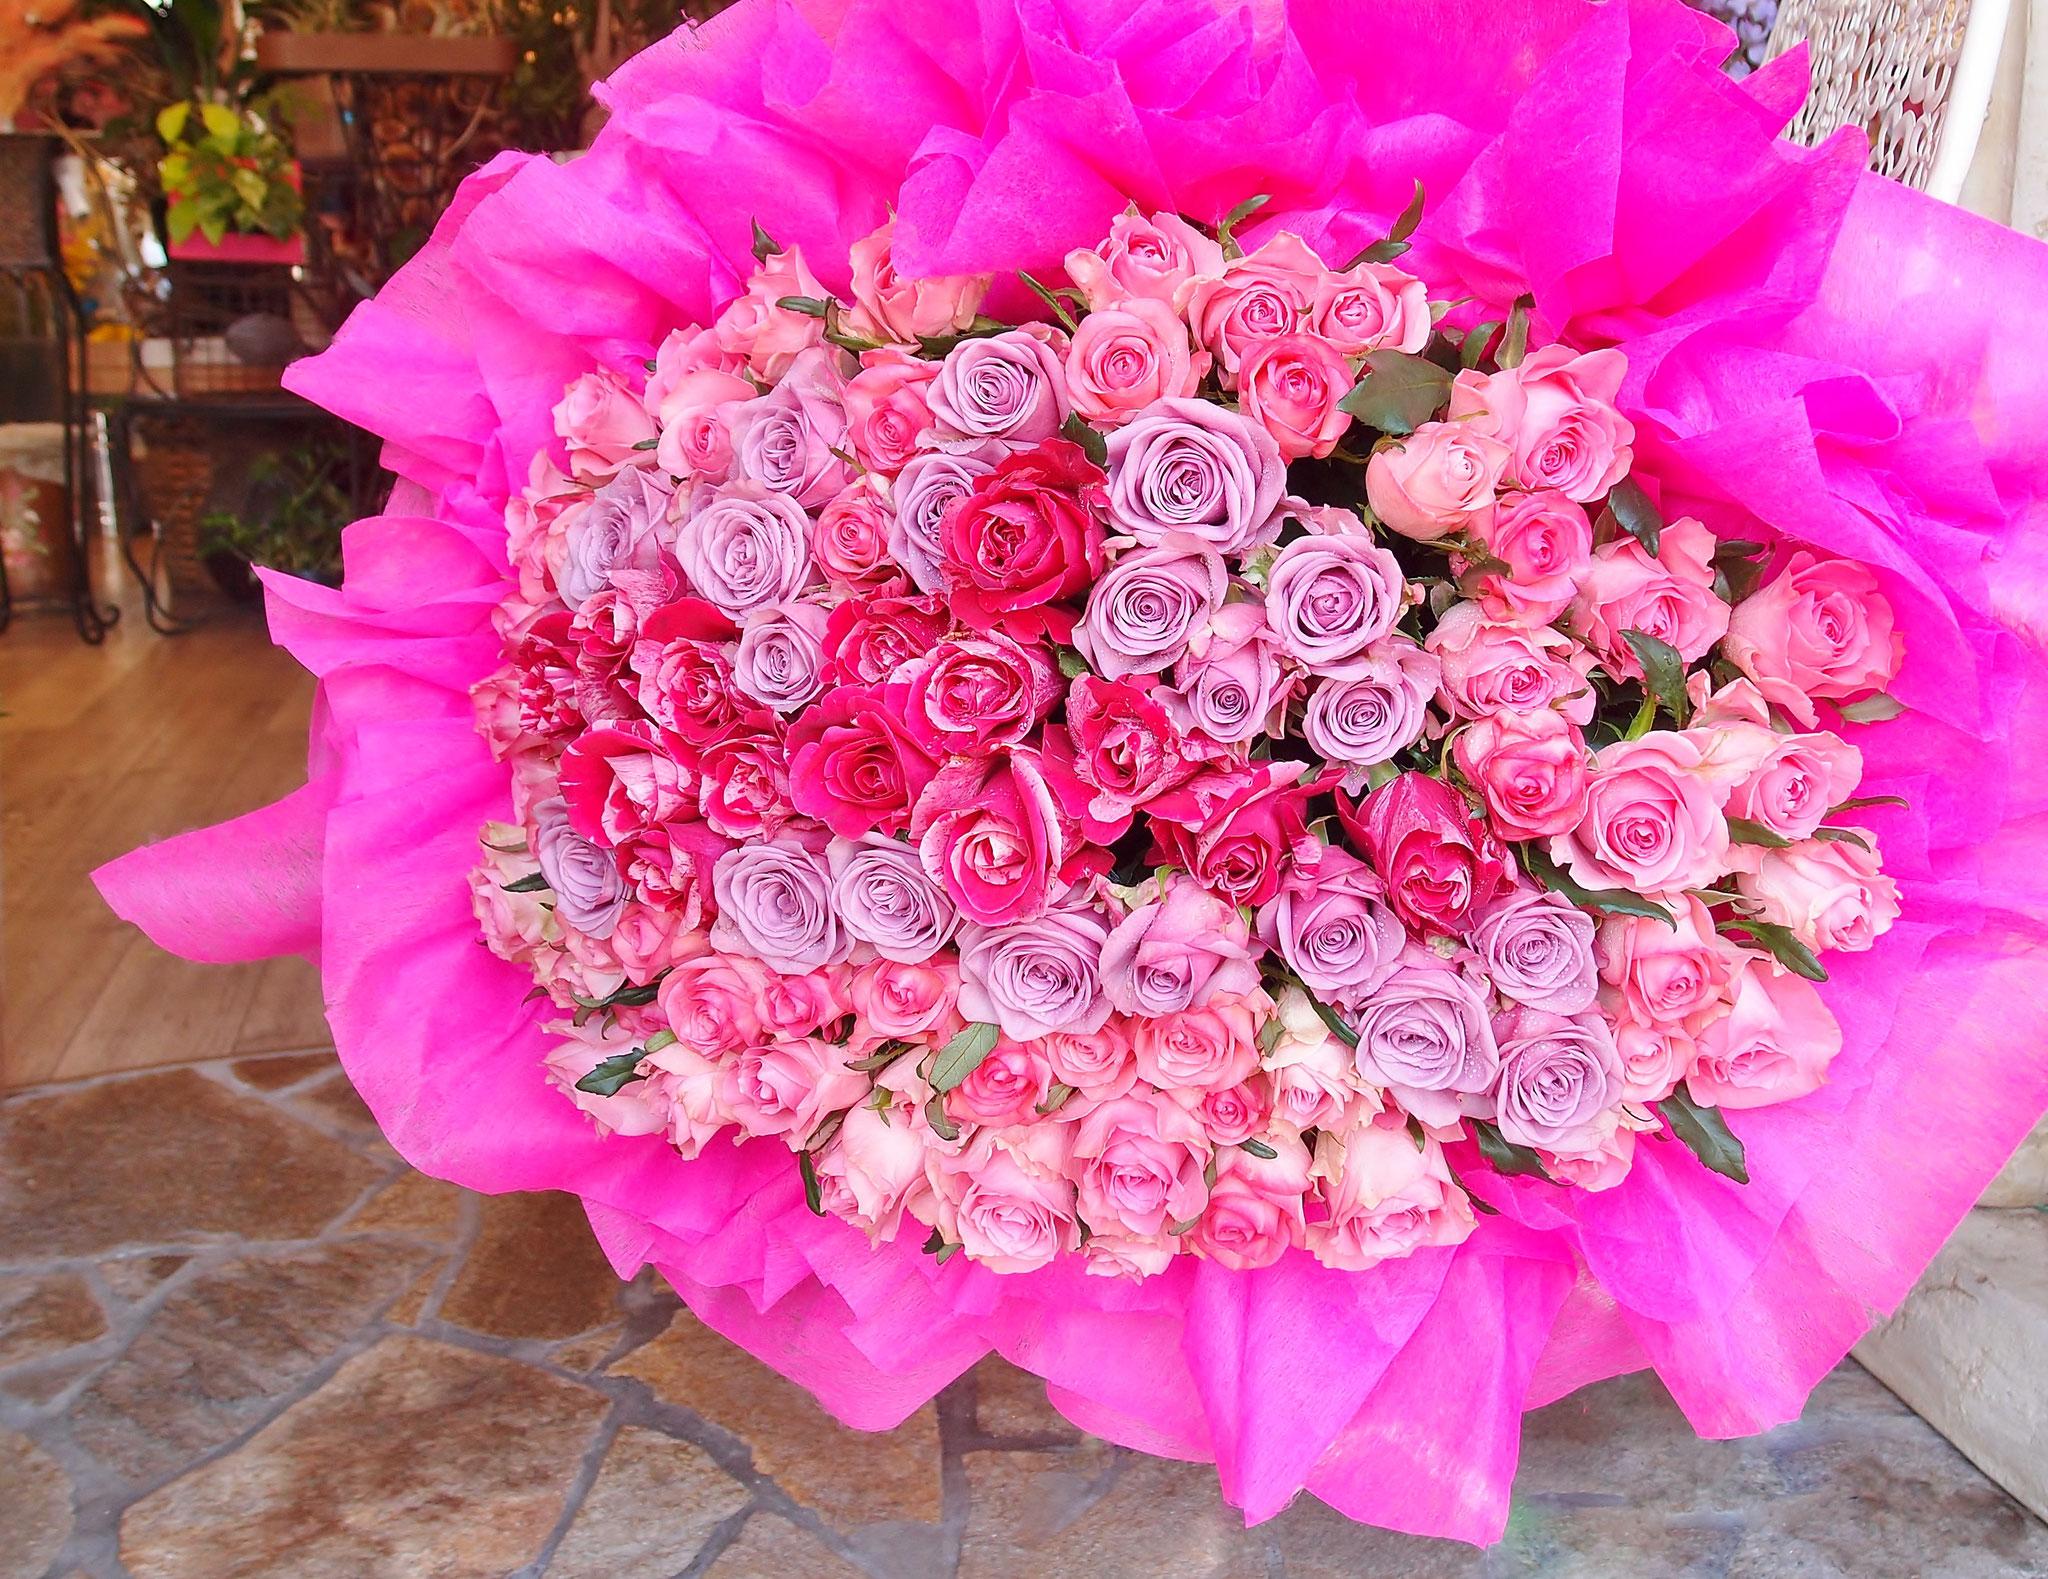 99本 バラの花束